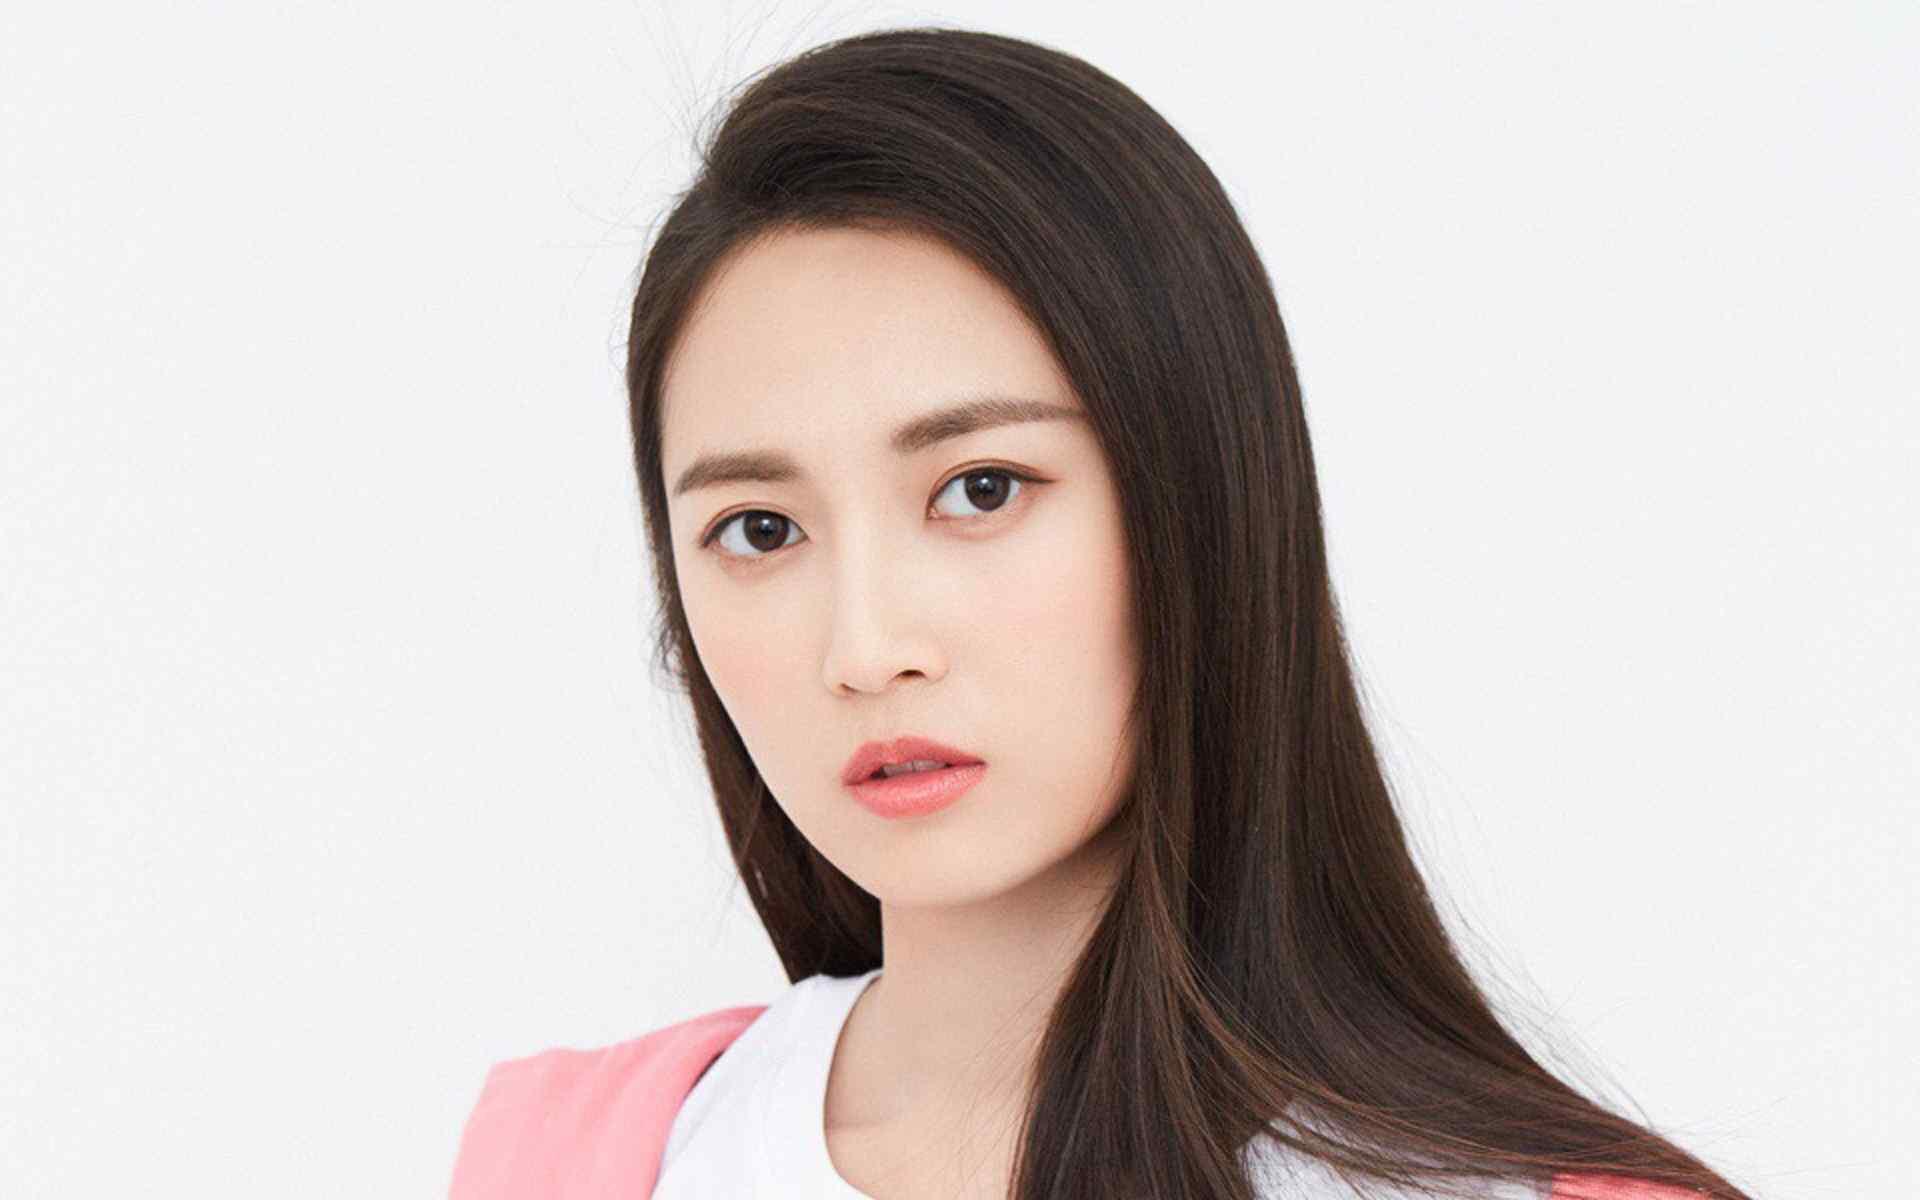 陈钰琪粉嫩甜美壁纸图片